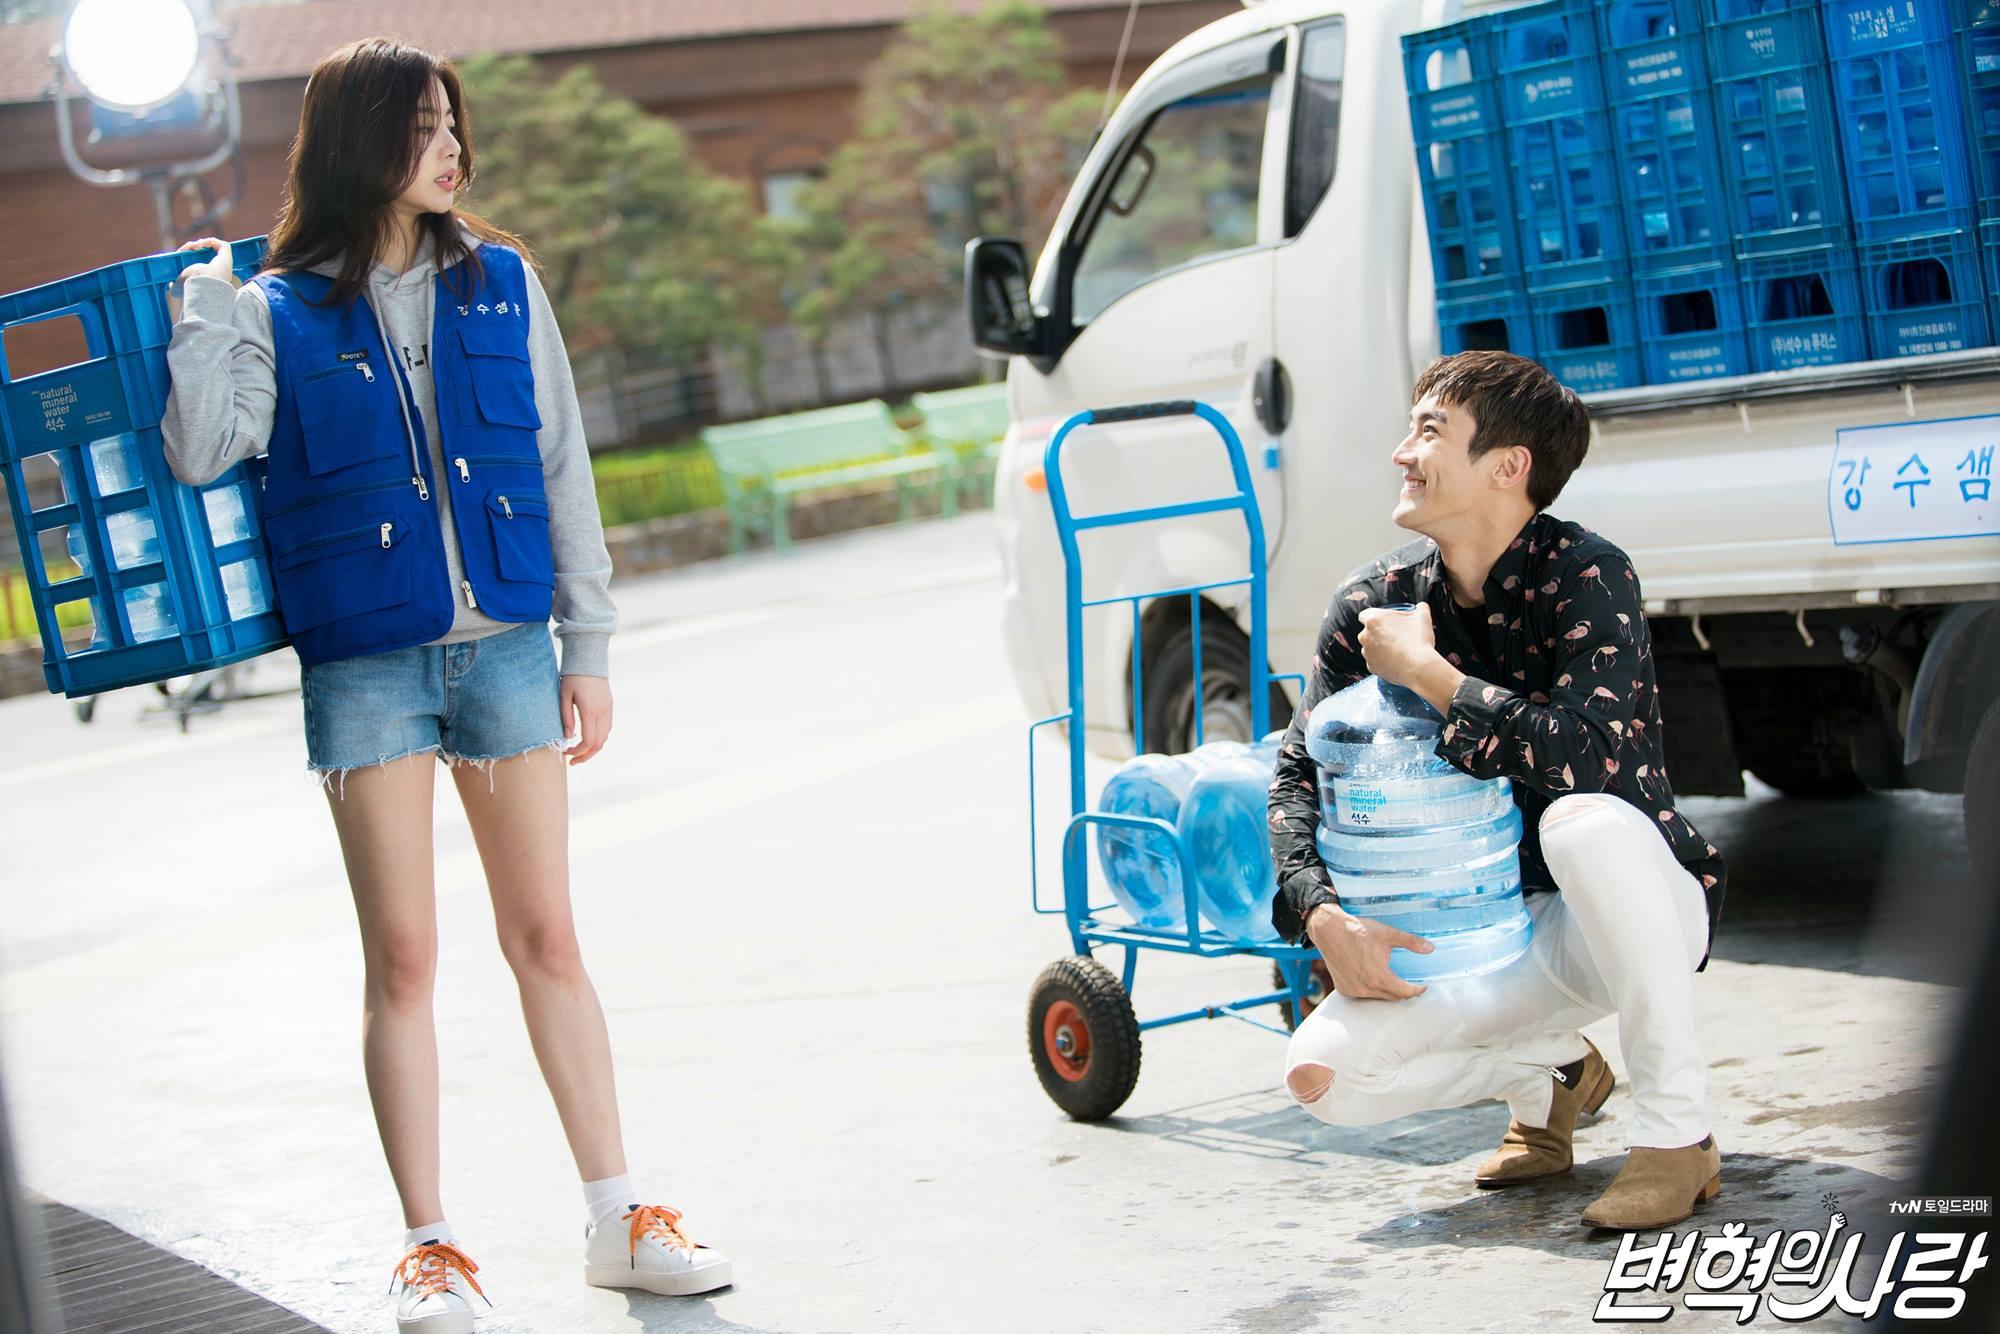 """Tái ngộ """"mã đại gia"""" Choi Si Won trong vai diễn siêu lầy của phim mới - Ảnh 3."""